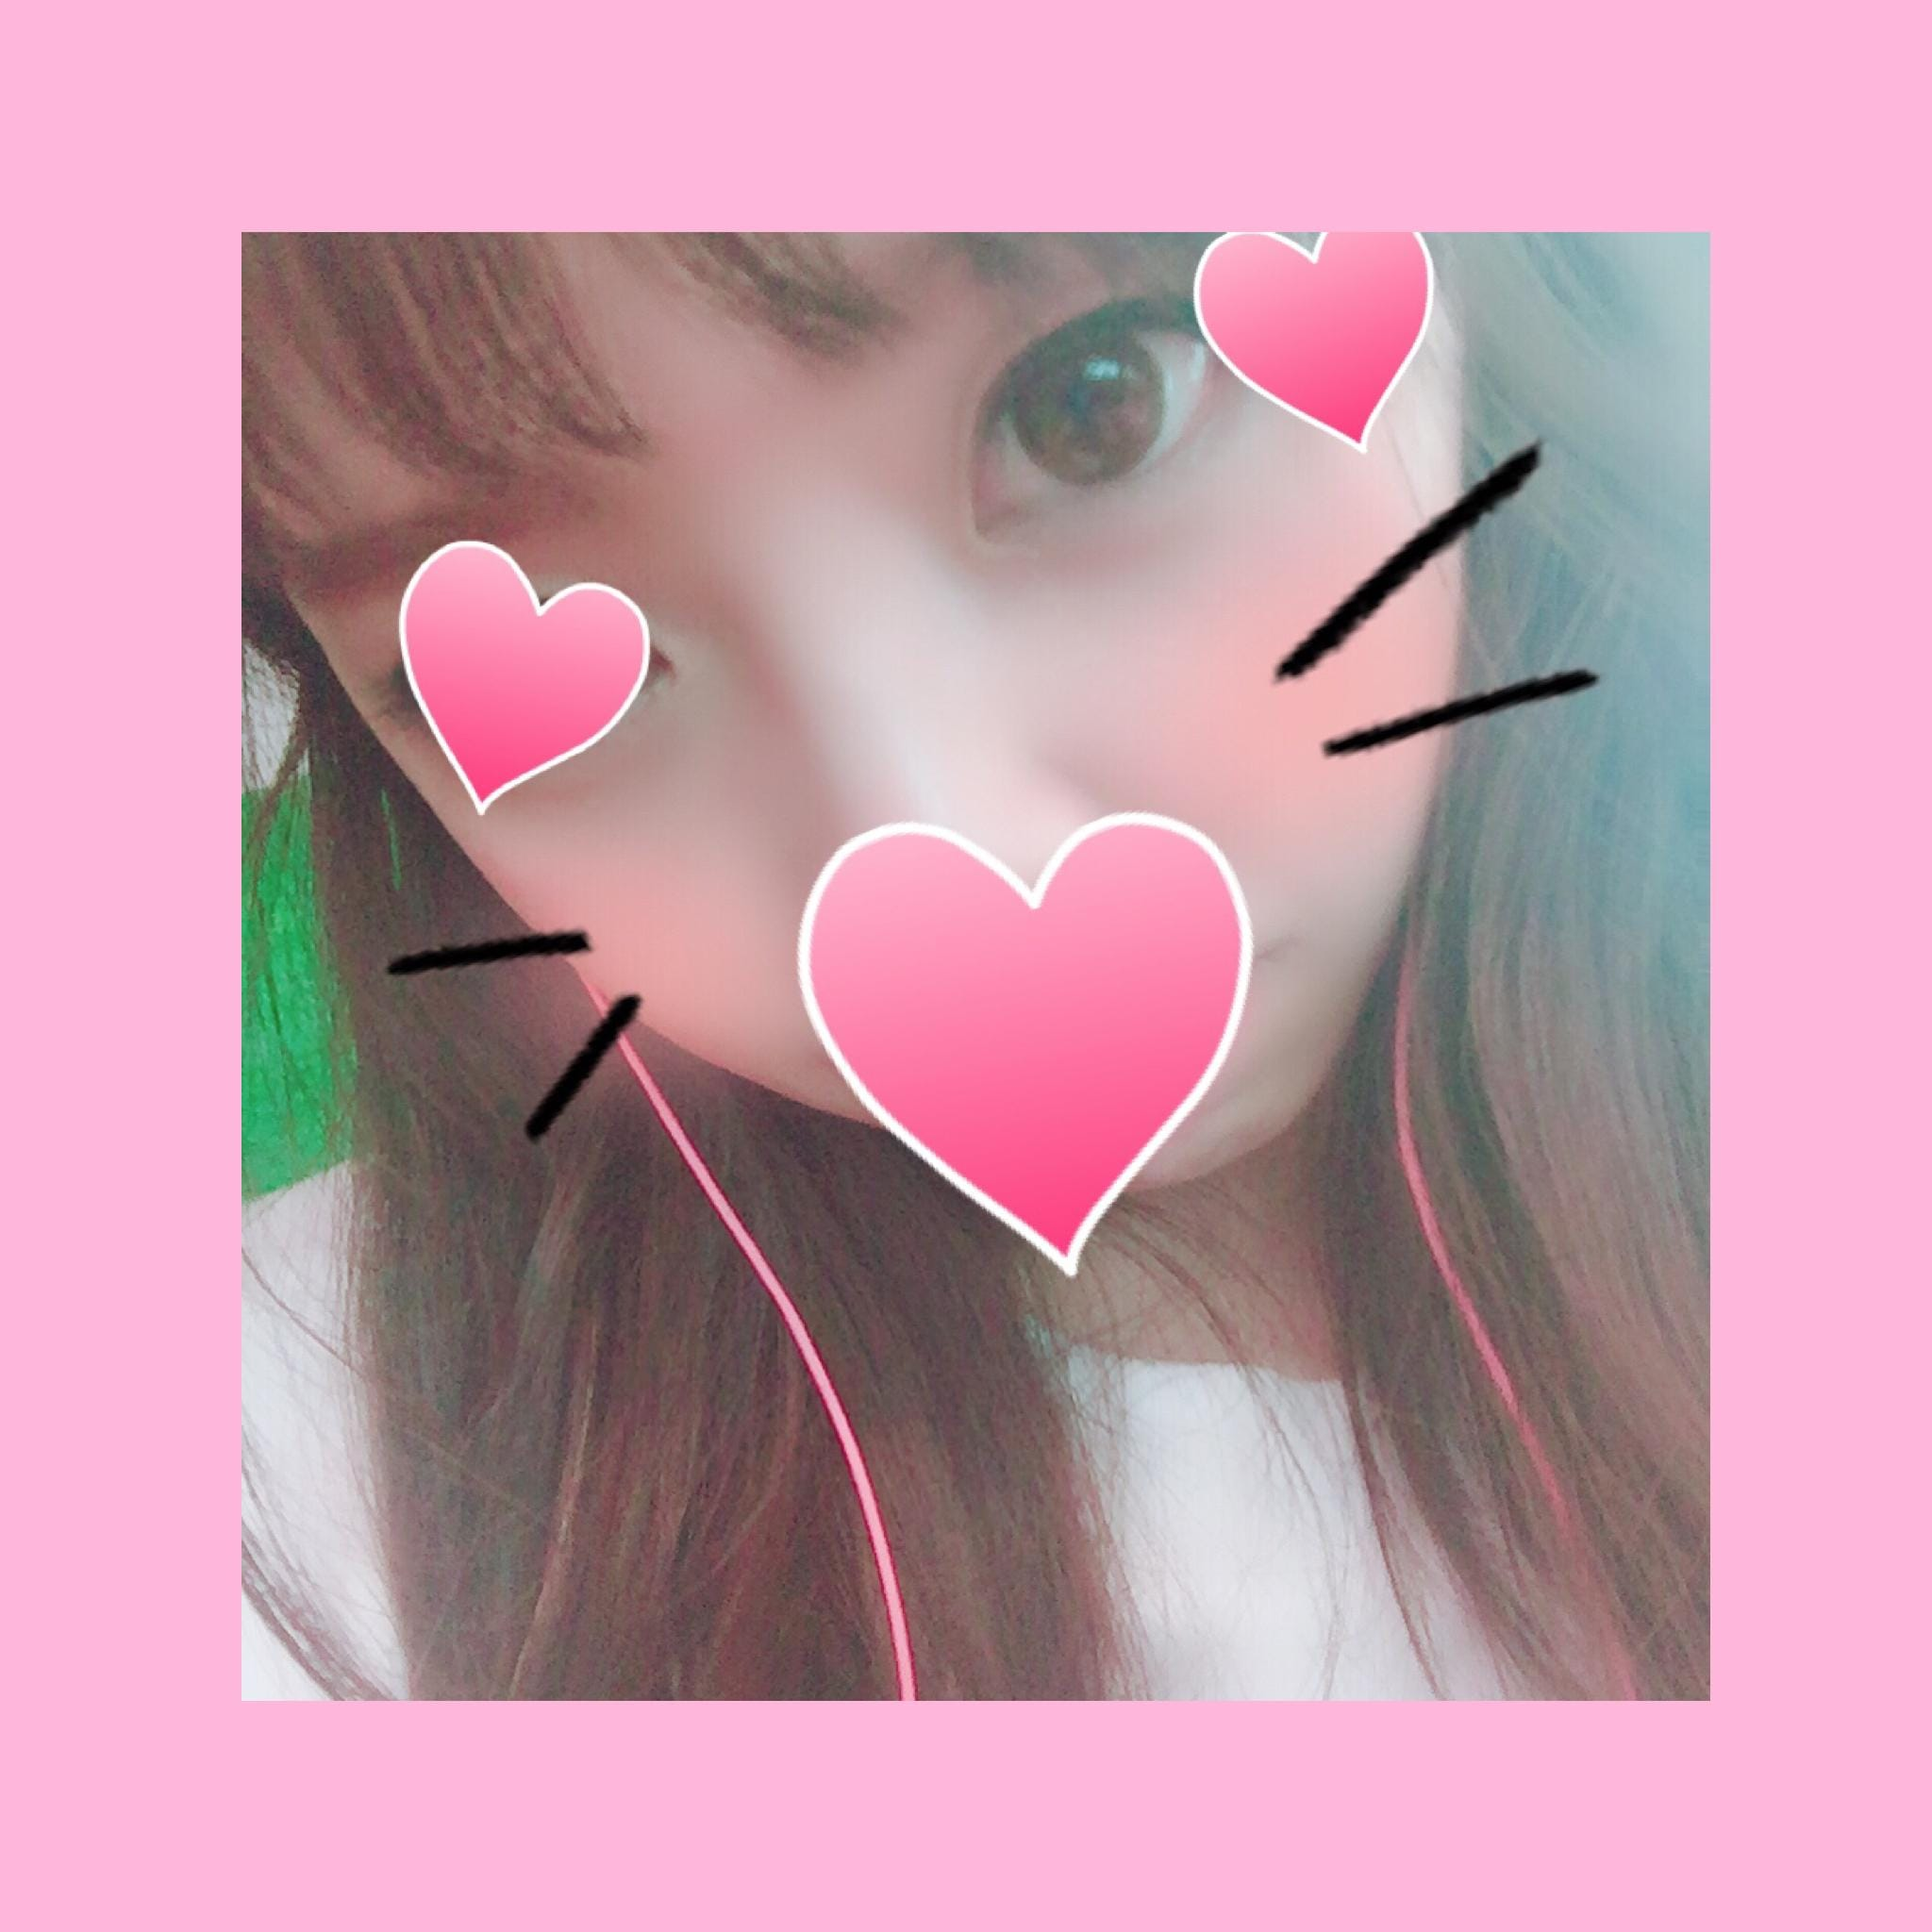 さくら「こんにちわ」06/18(月) 17:02 | さくらの写メ・風俗動画